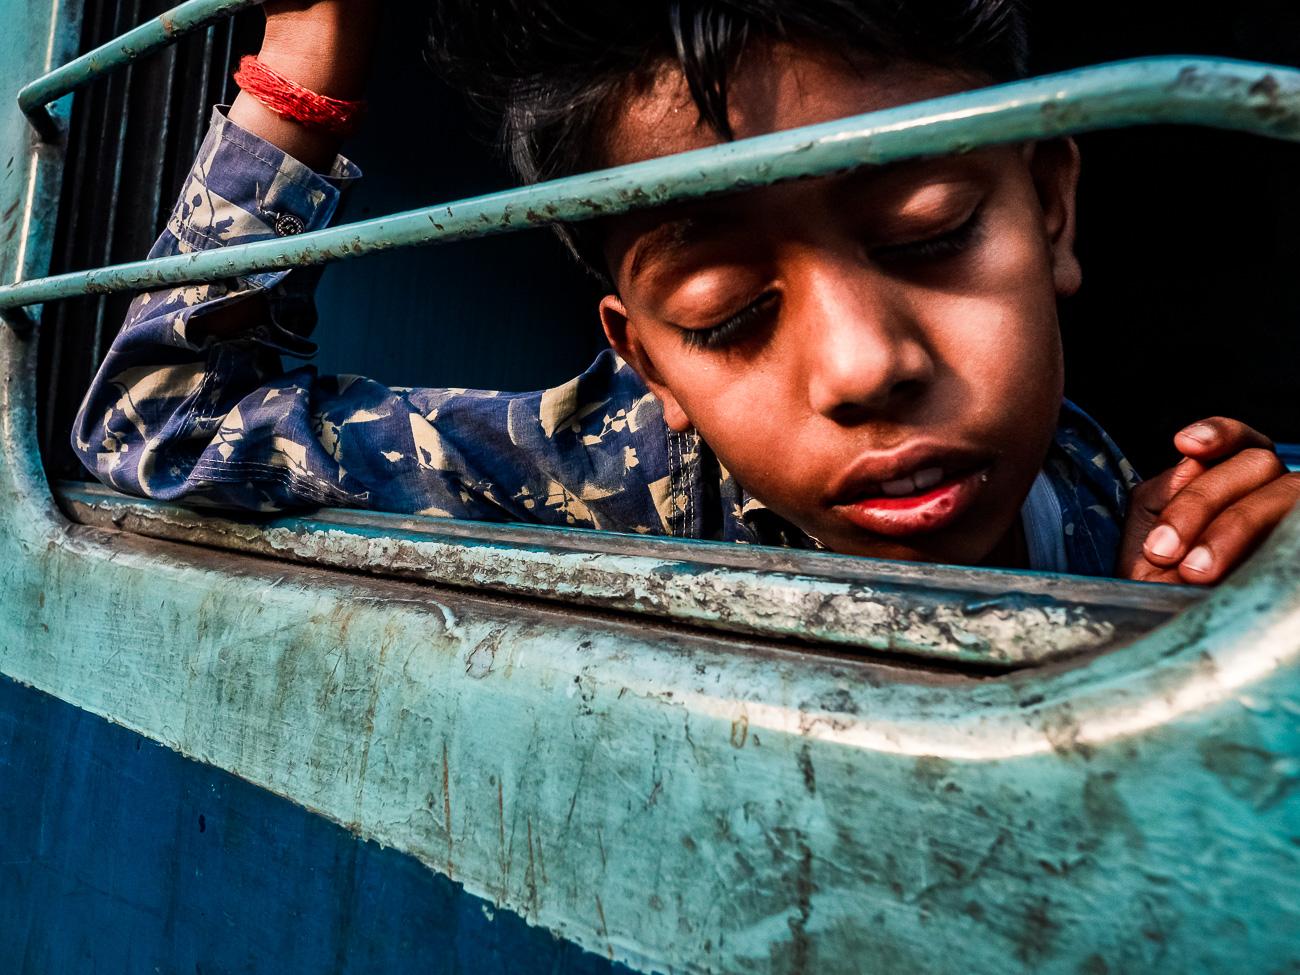 Bub im Zug in Indien